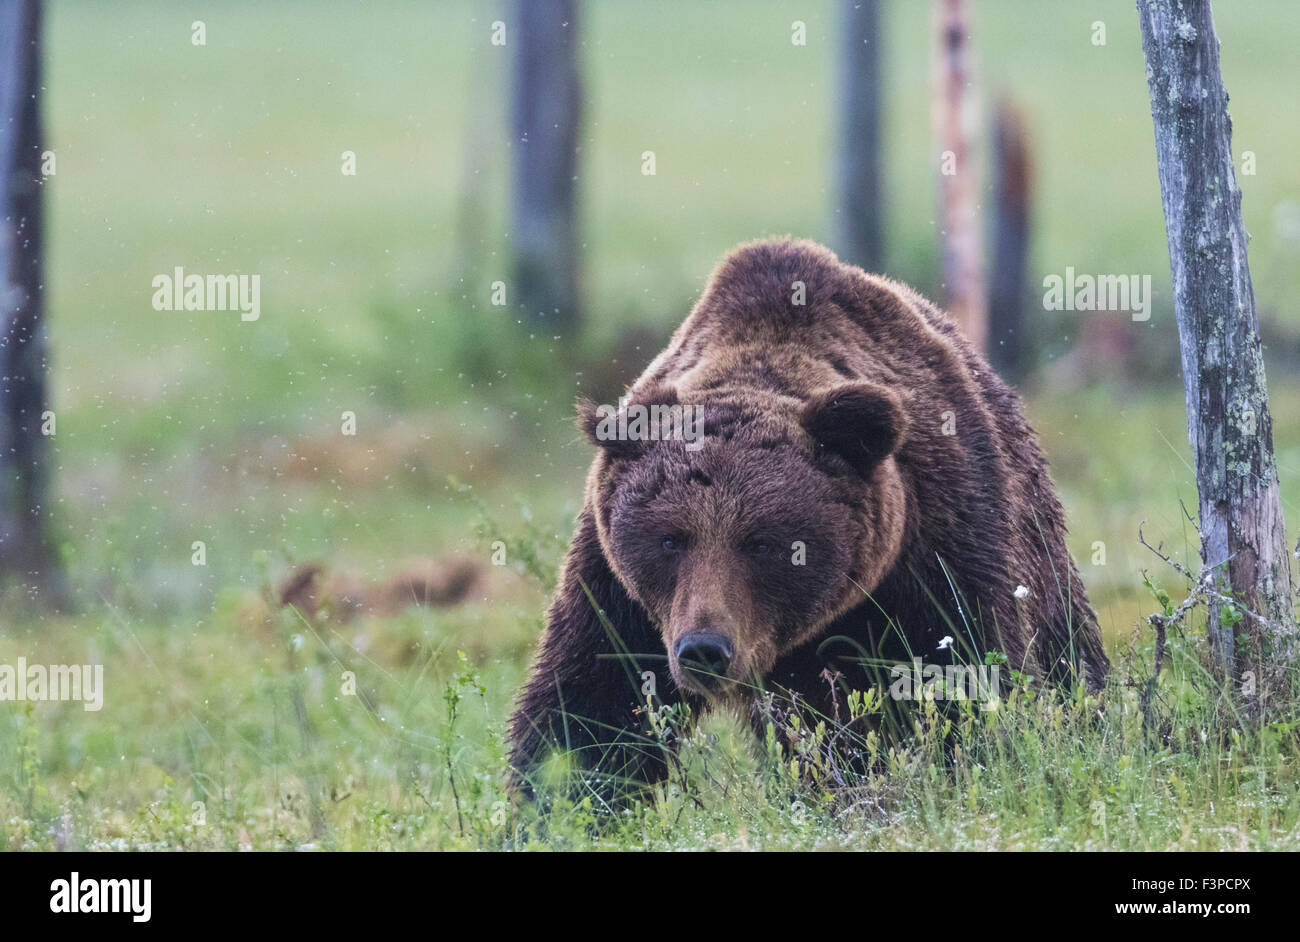 Brauner Bär, Ursus Arctos, gehen auf das Moos in Richtung der Kamera, senkte seinen Kopf und suchen gerade Stockbild